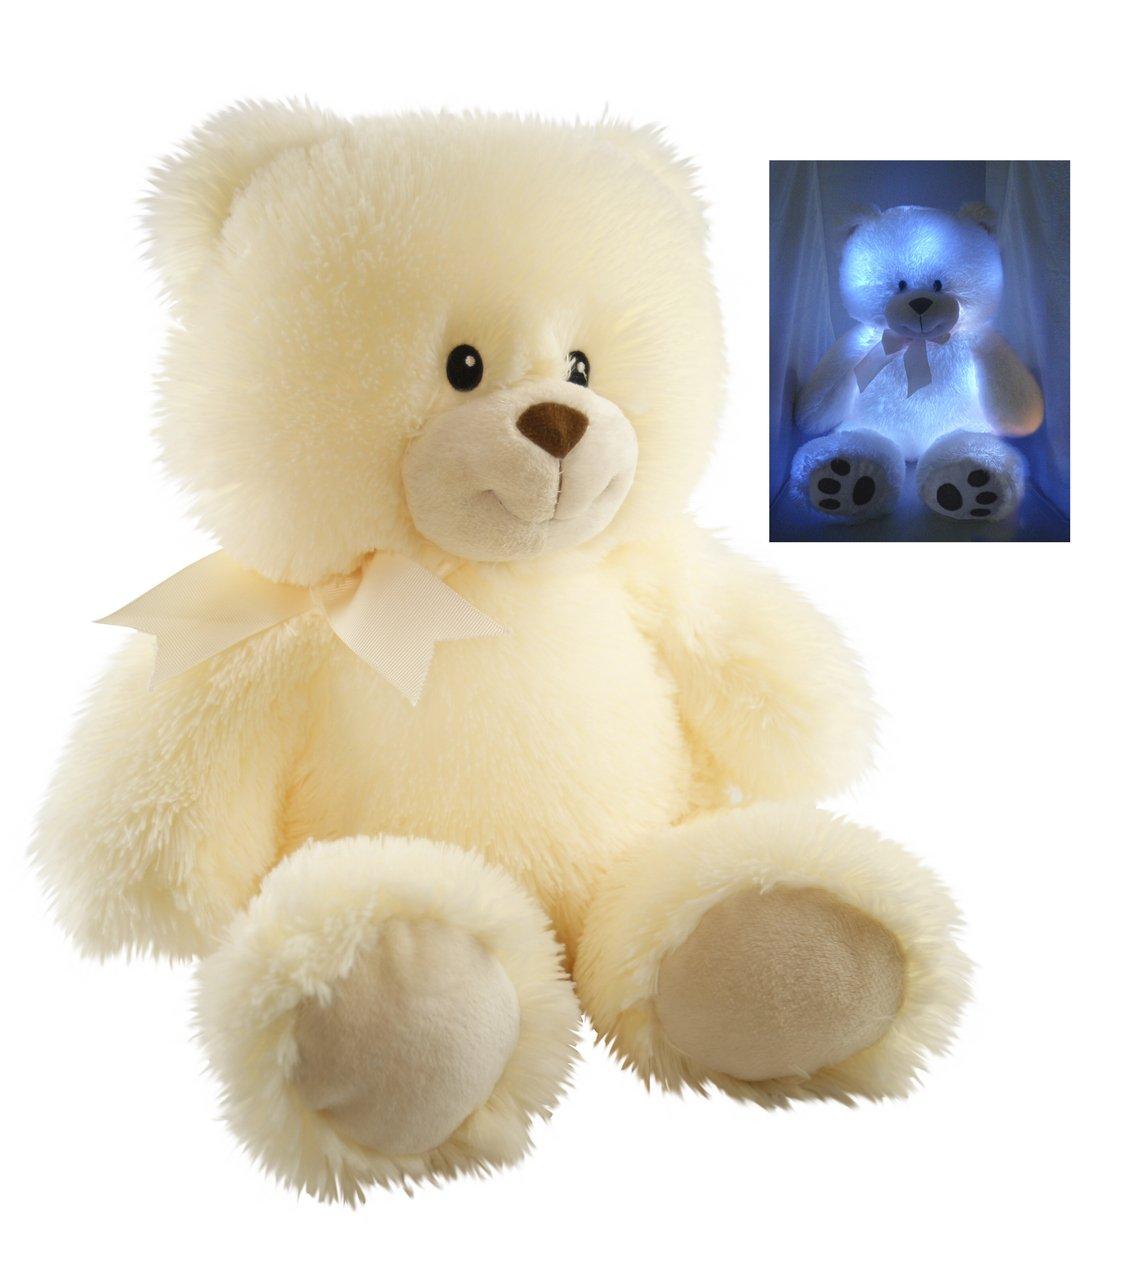 Cuddle Barn New Nite Brite Pals Stuffed Toy Teddy Bear Cuddles The Cub